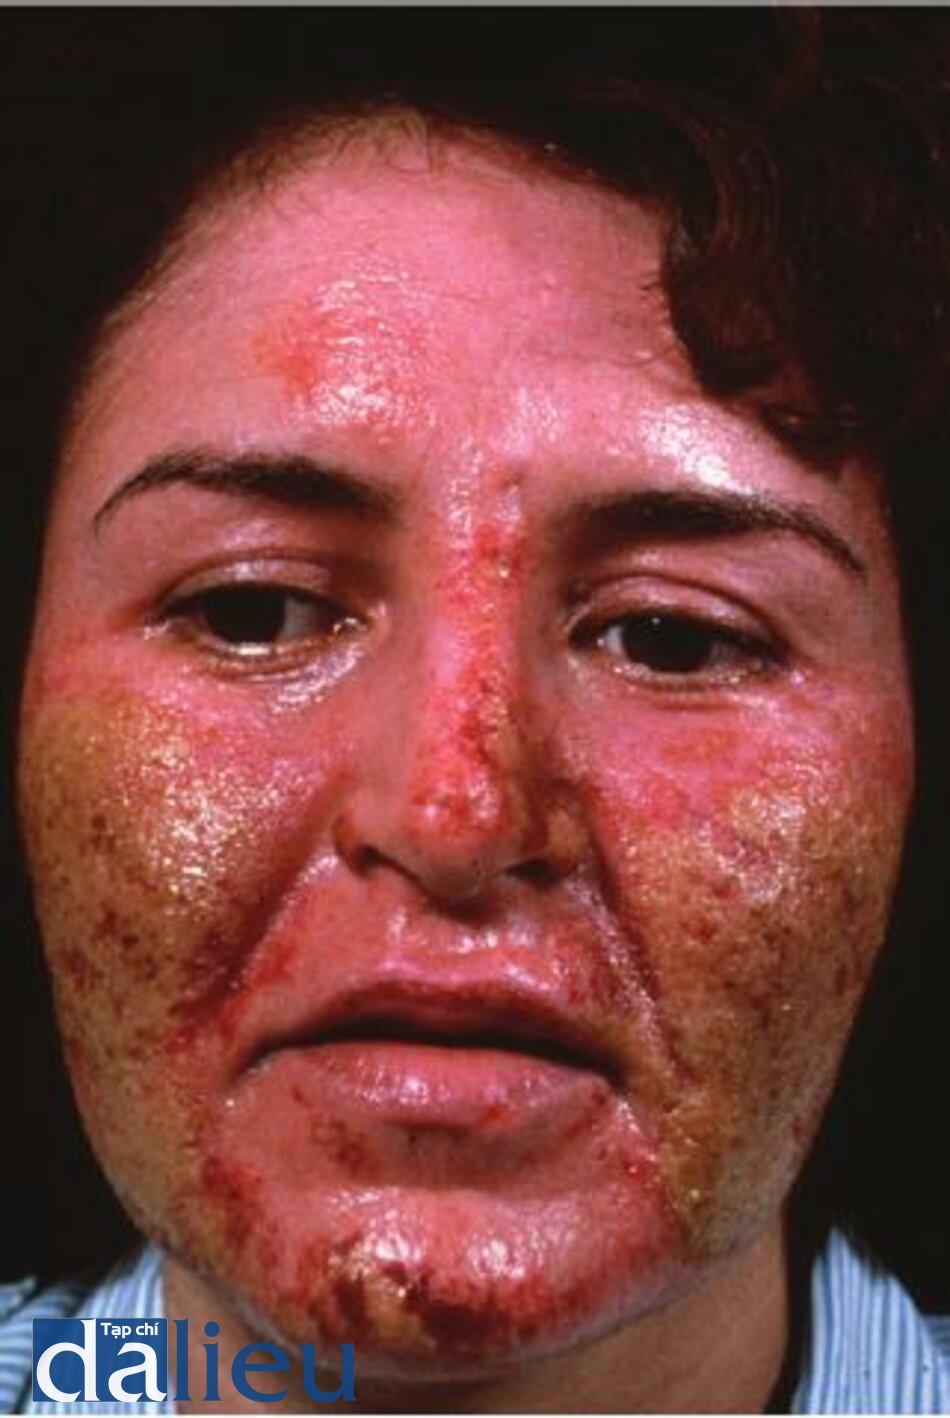 Hình 11.6 Một bệnh nhân bị nhiễm trùng 10 ngày sau khi lột da bằng axit trichloroacetic. Để ý các mảng mù trên má cho thấy nhiễm trùng. Cô ấy đã được điều trị bằng thuốc bôi kháng sinh tại chẻ và toàn thân và băng ép sát trùng.